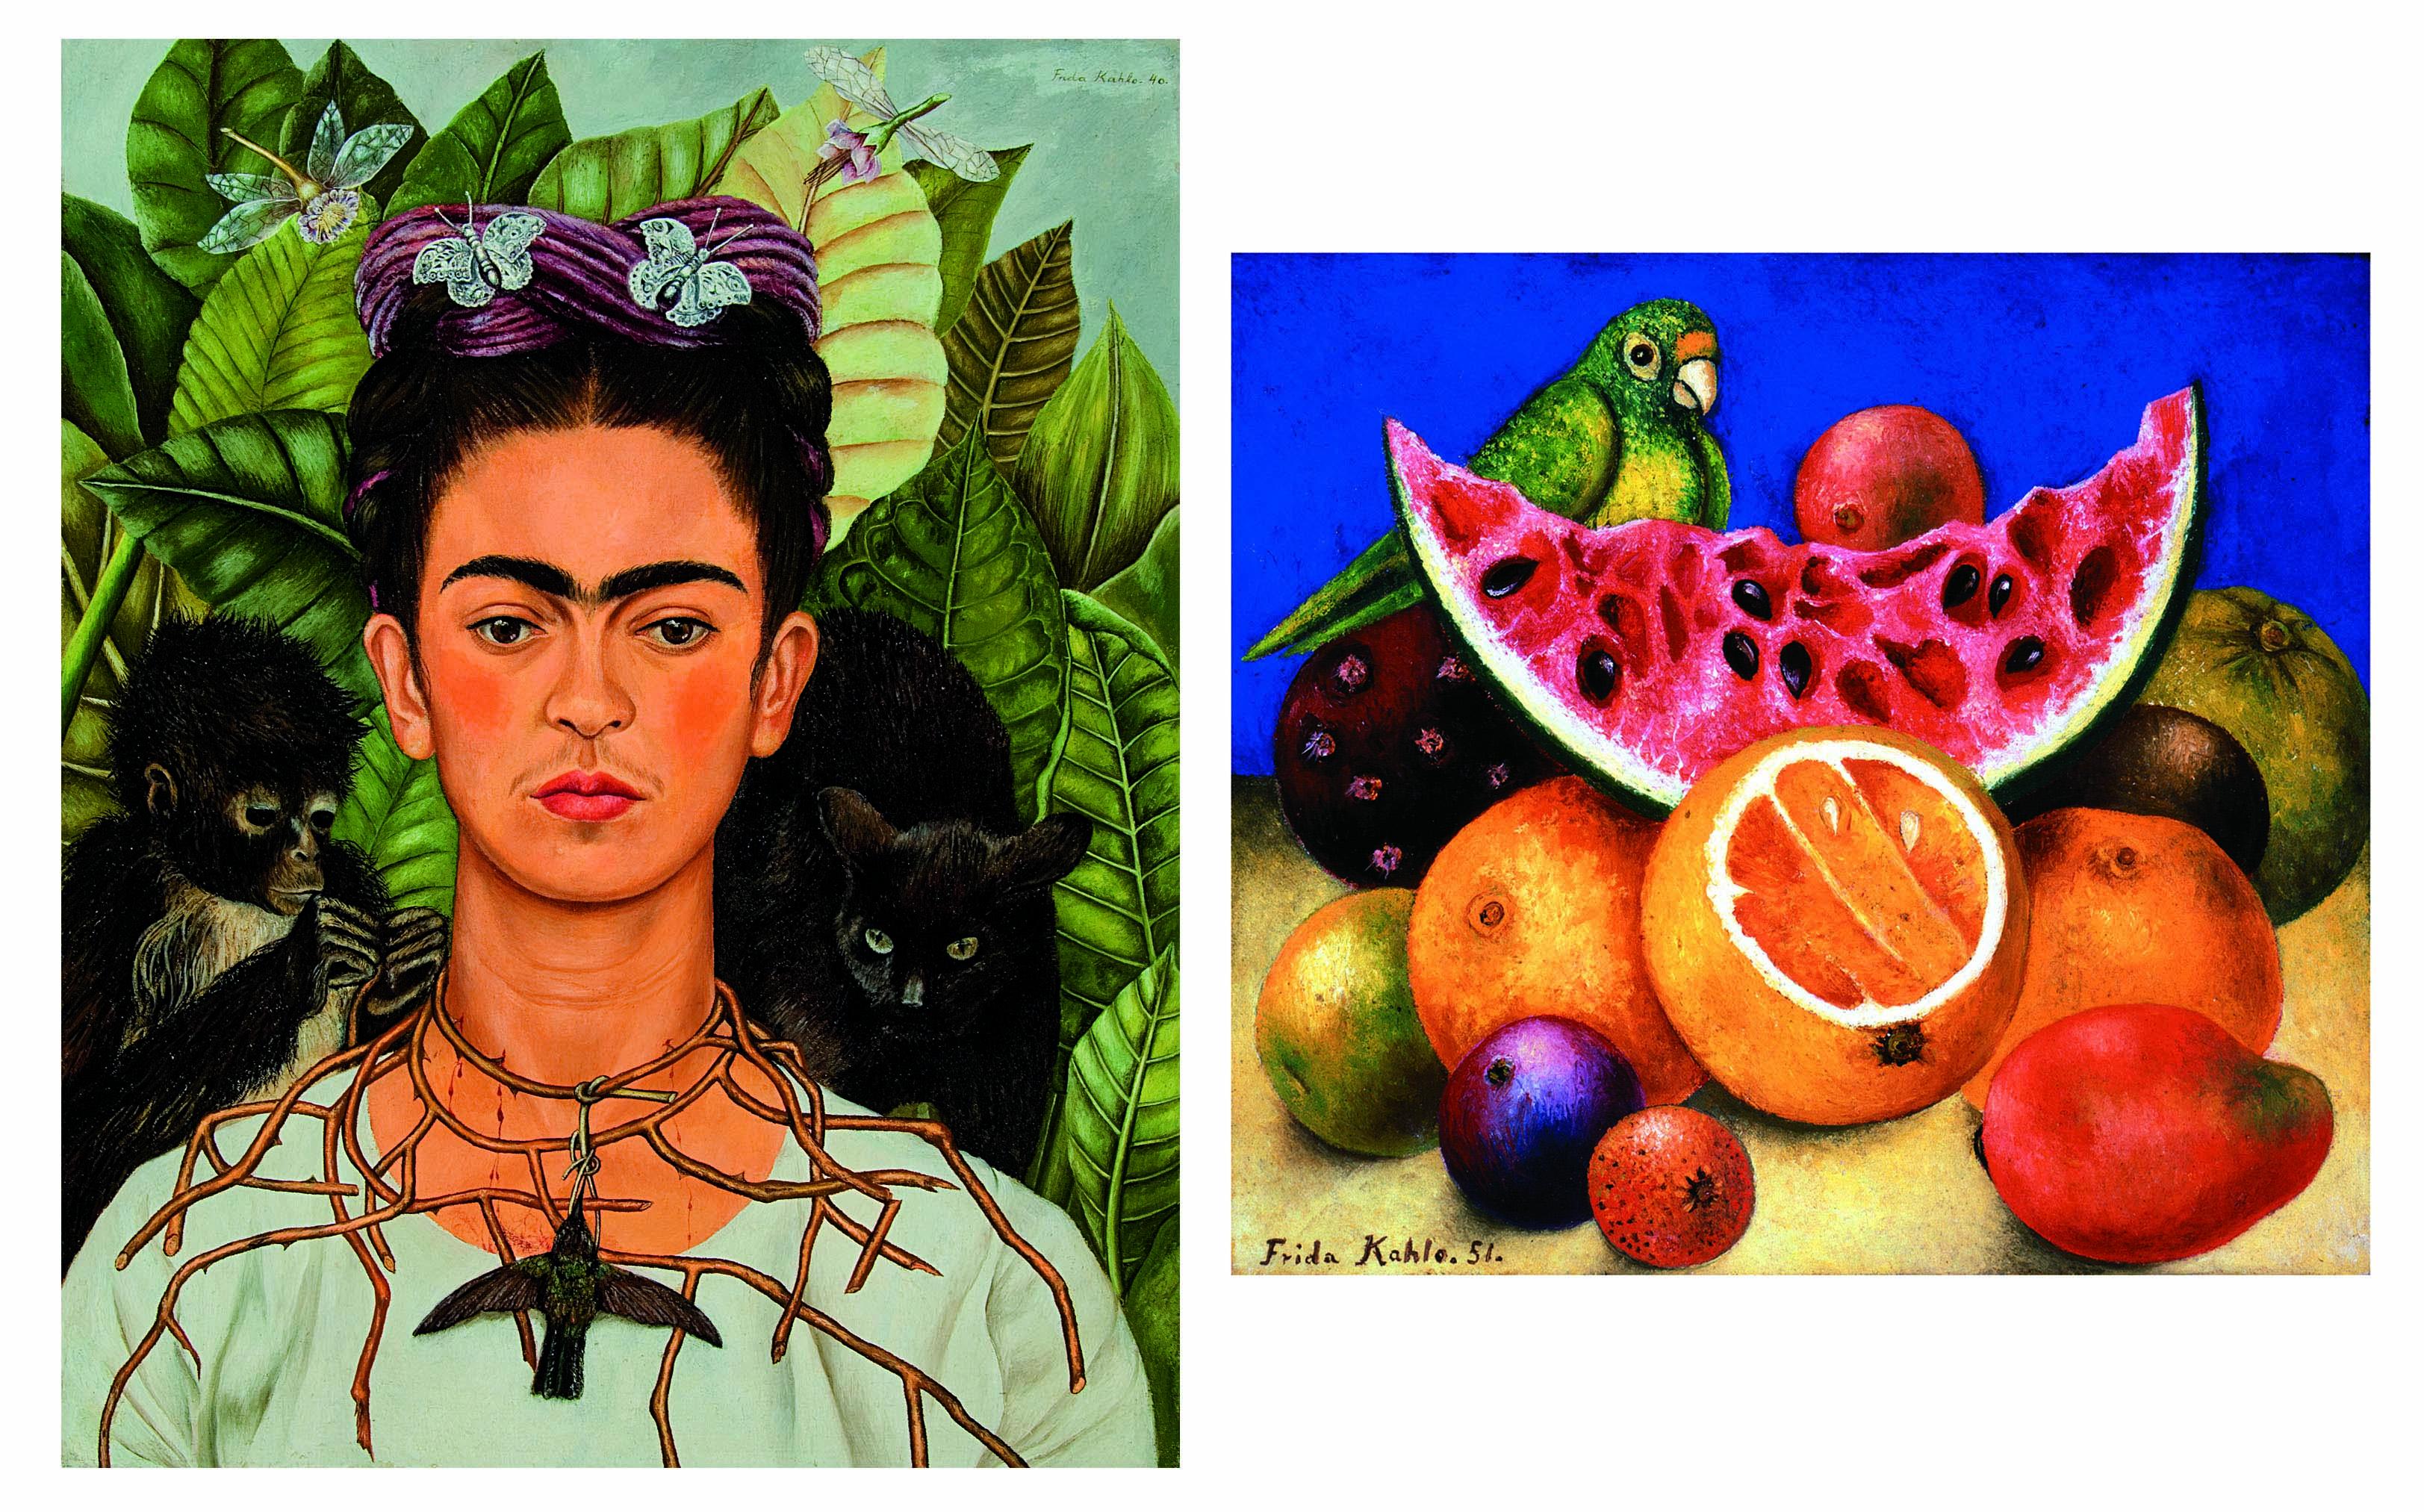 goldberg-naked-frida-kahlo-sexuality